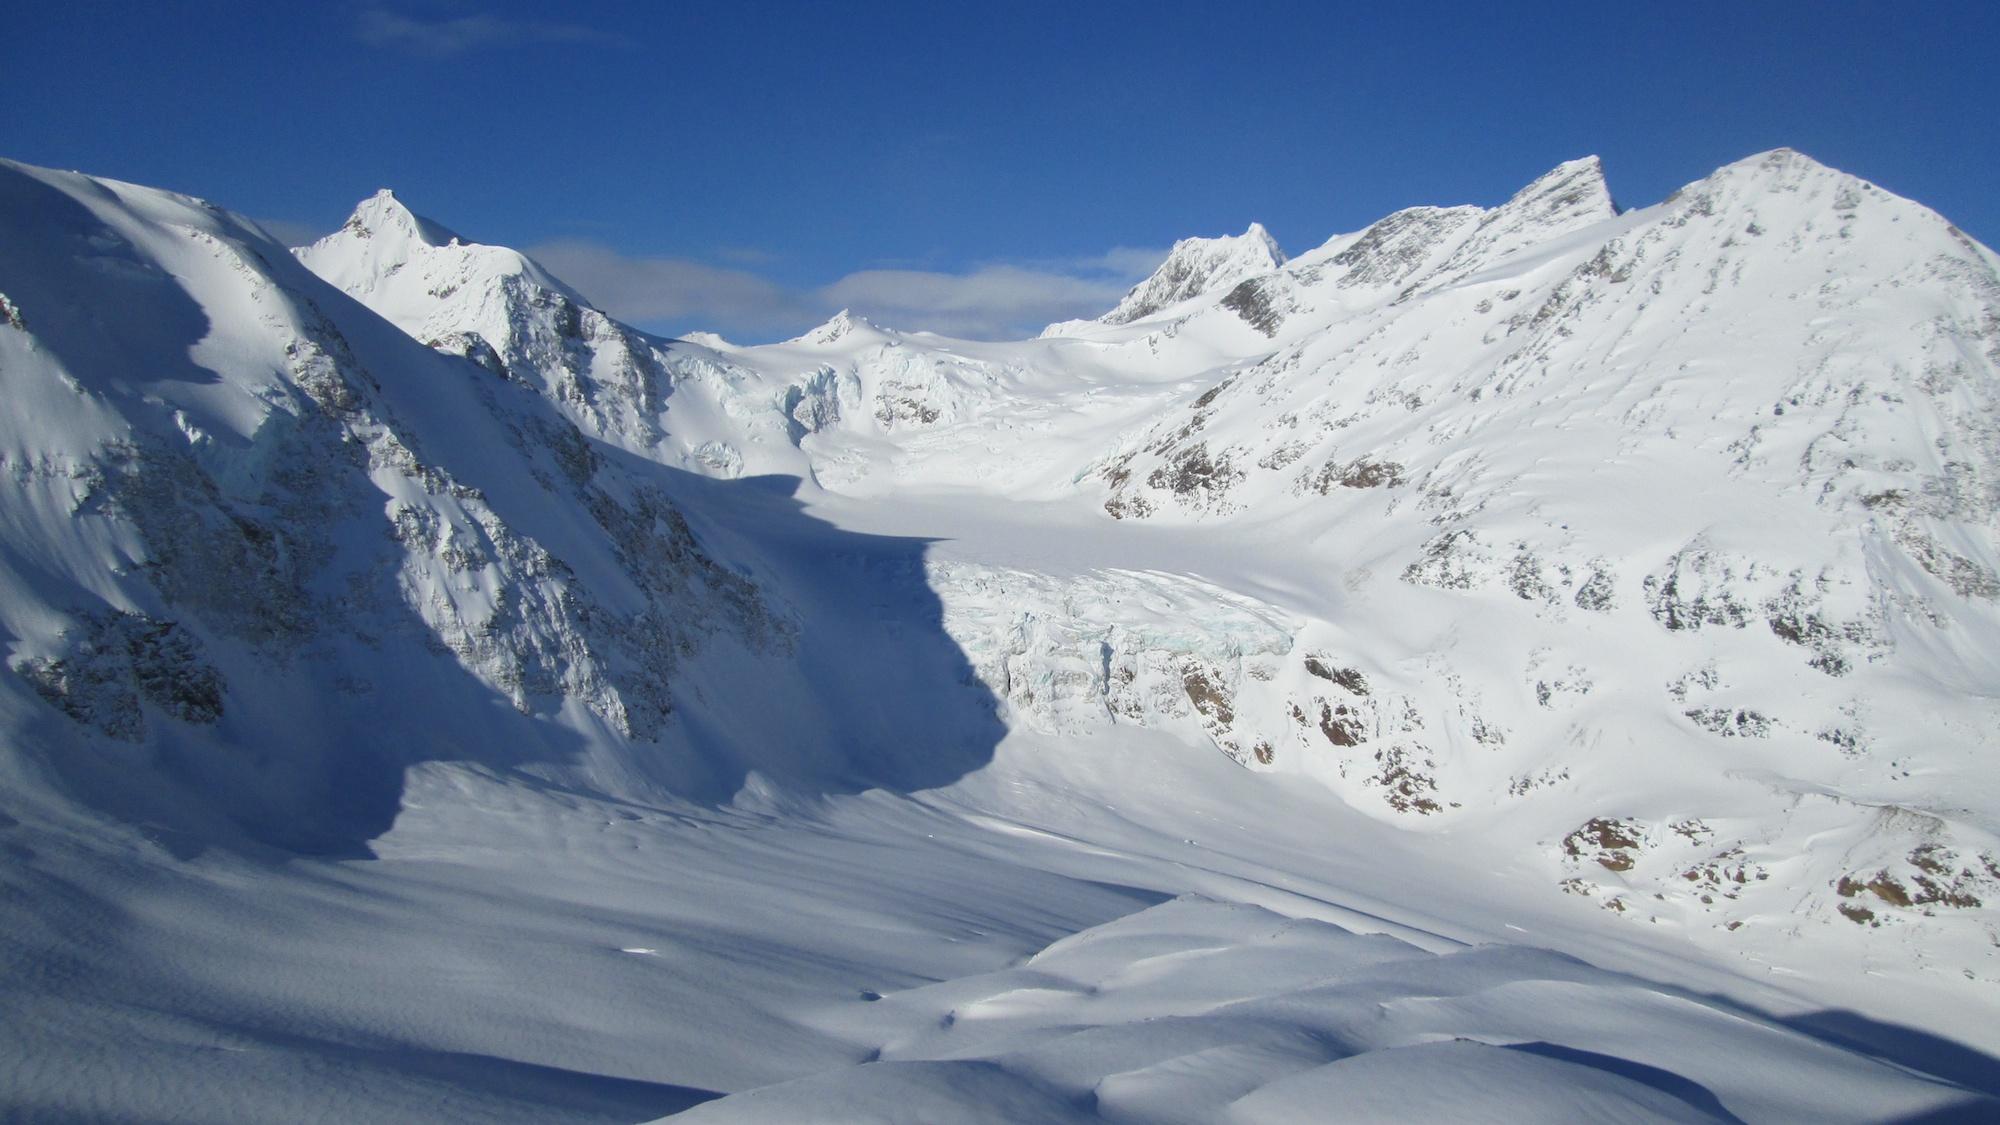 Het nieuwe skigebied Valemount is gelegen in de provincie Alberta en hoopt binnen 2 tot 3 jaar open te gaan.A